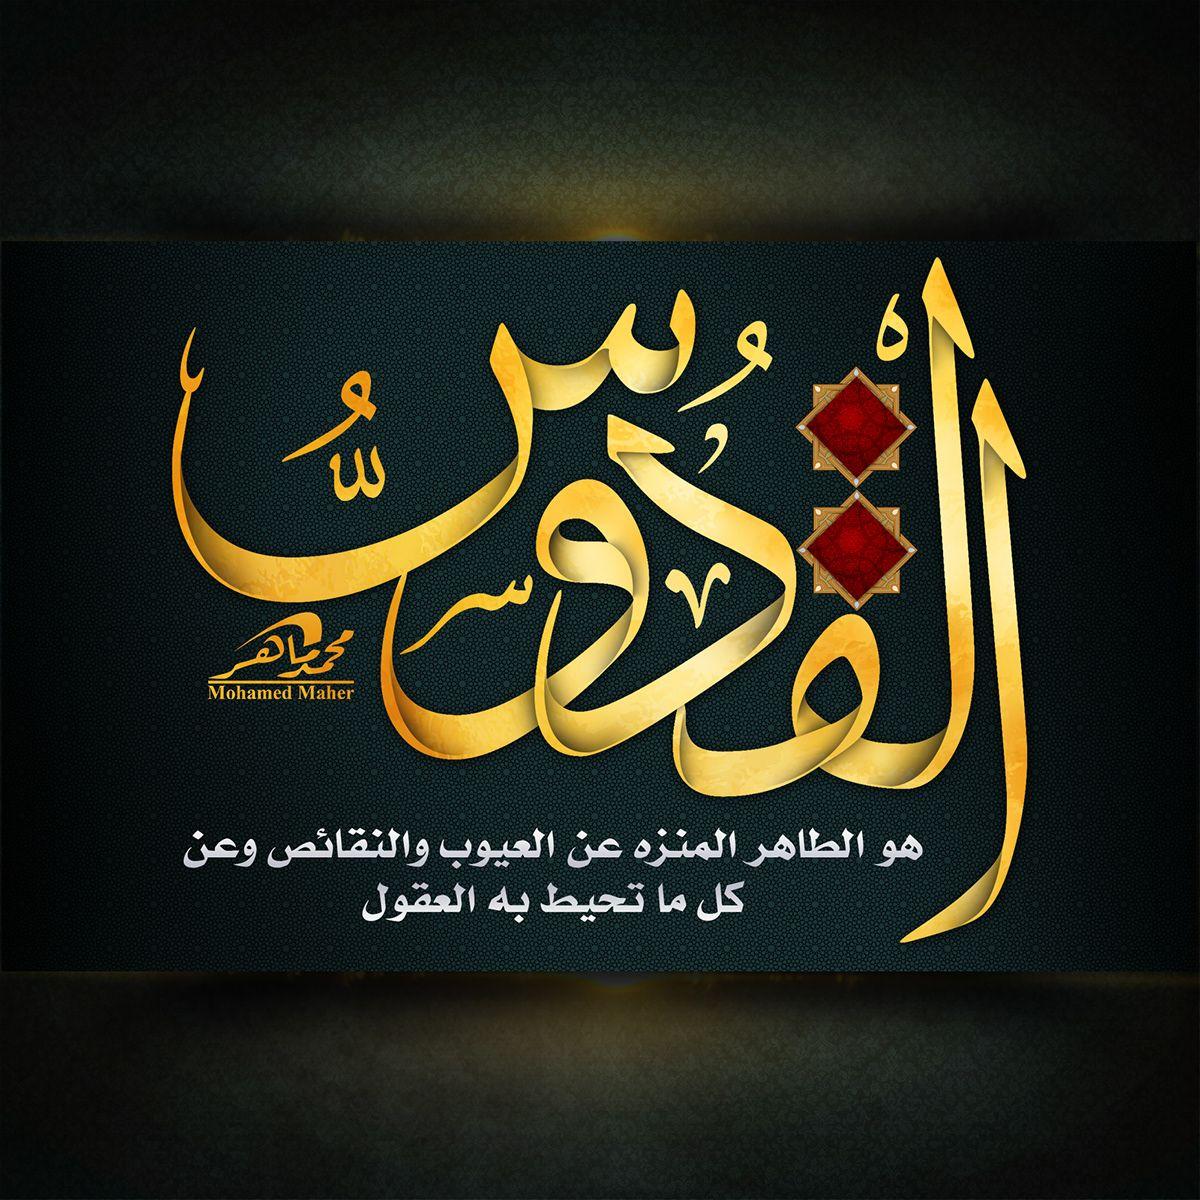 اسماء الله الحسنى مشروع متجدد On Behance Islamic Art Calligraphy Islamic Art Islamic Calligraphy Painting